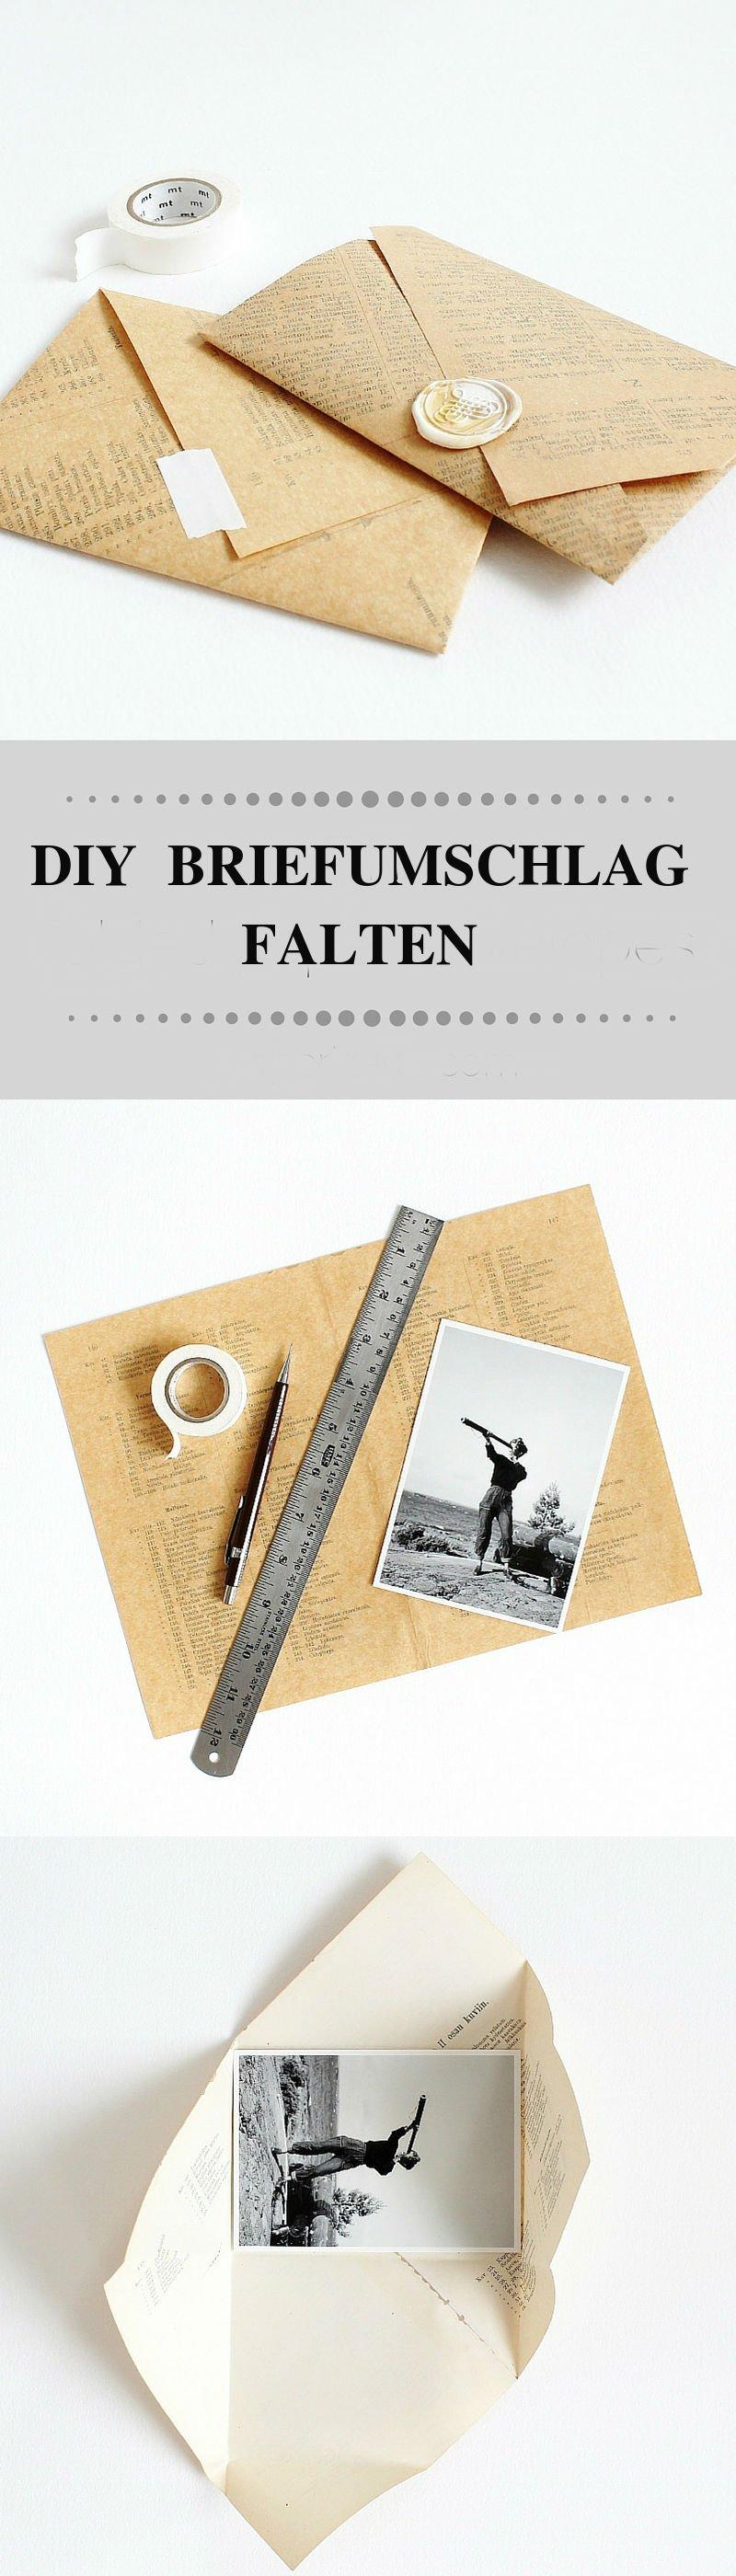 Brief Falten Für Kleinen Briefumschlag : Briefumschlag falten in sekunden kreative diy